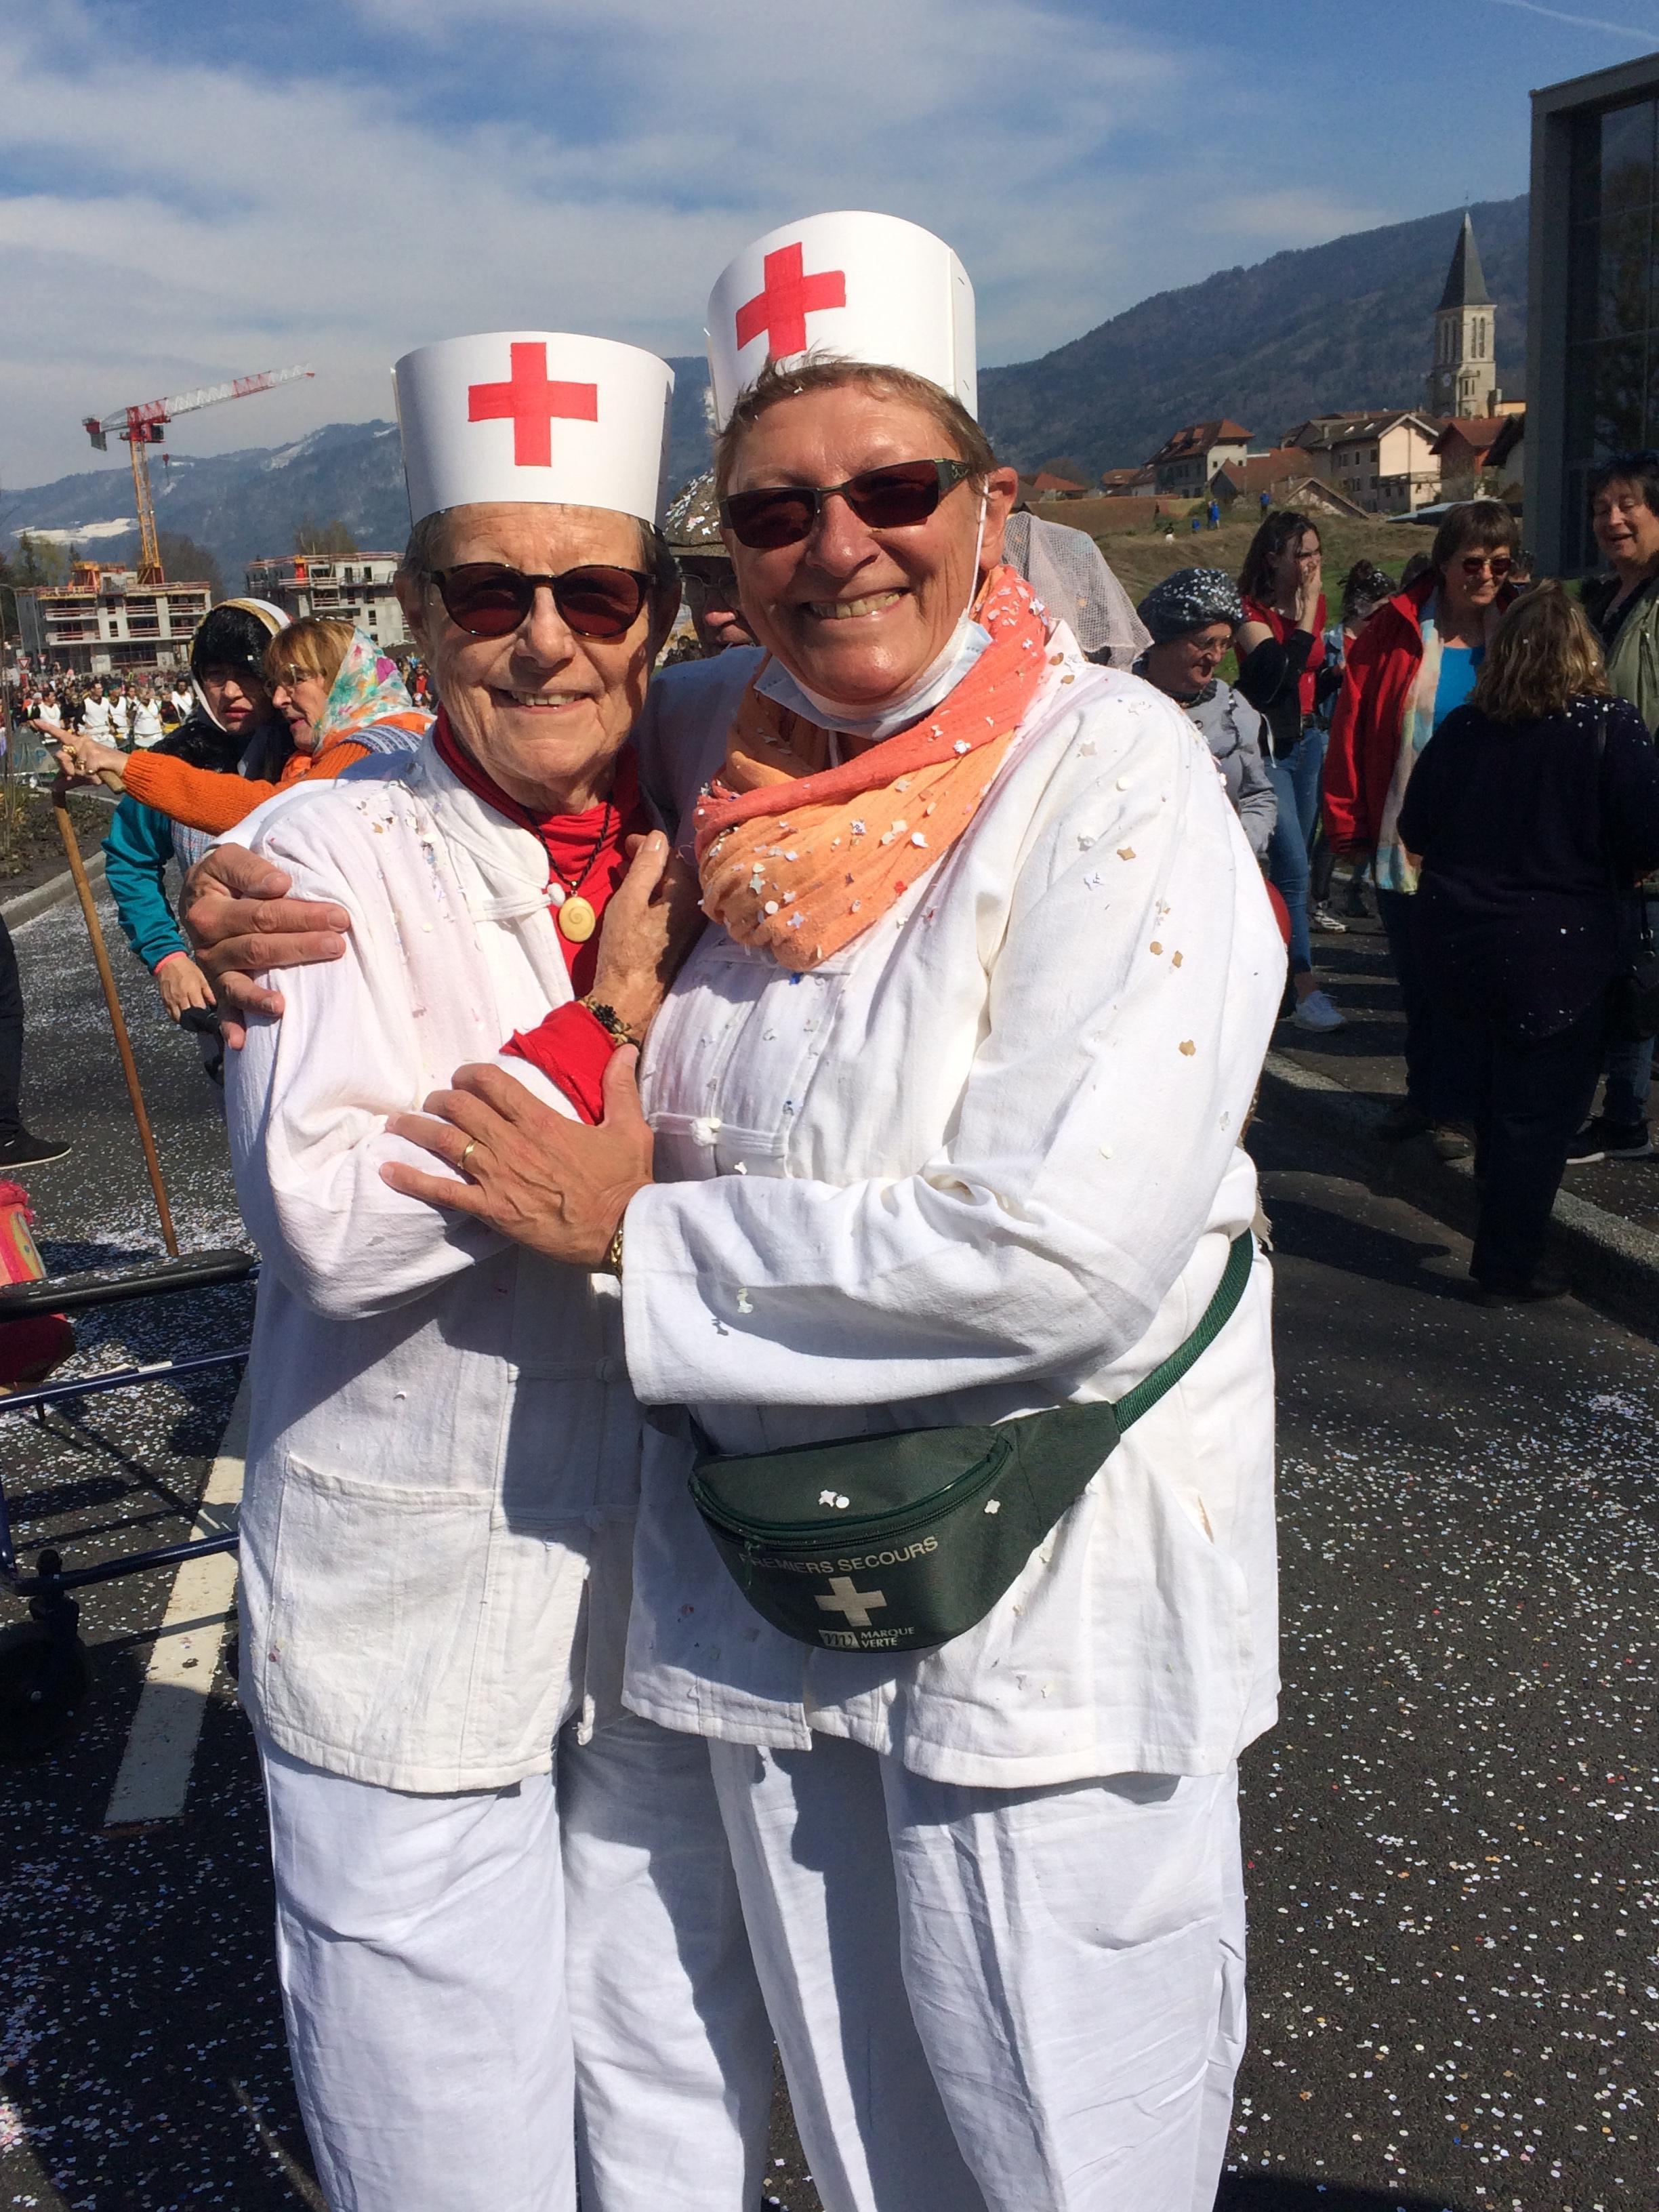 Mimi et Cathy - 2 infirmières dévouées